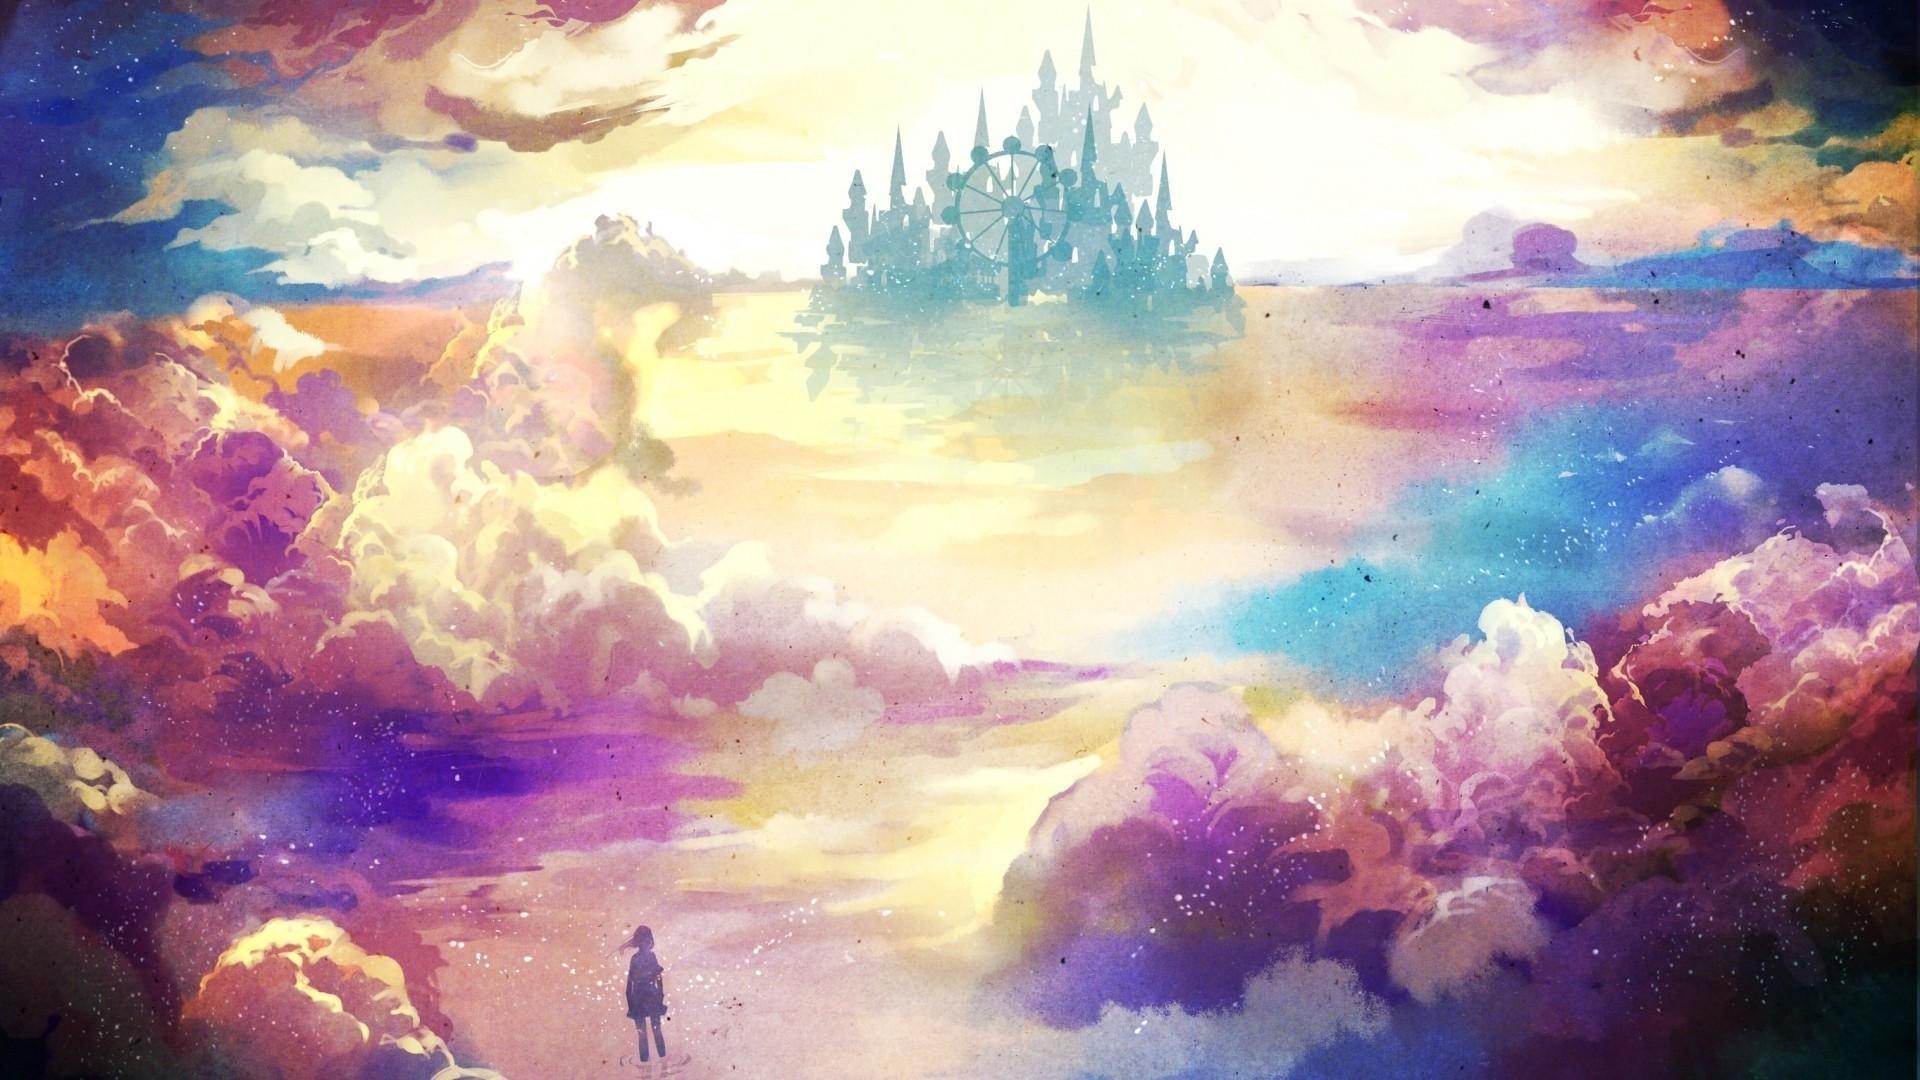 Heaven Wallpaper theme